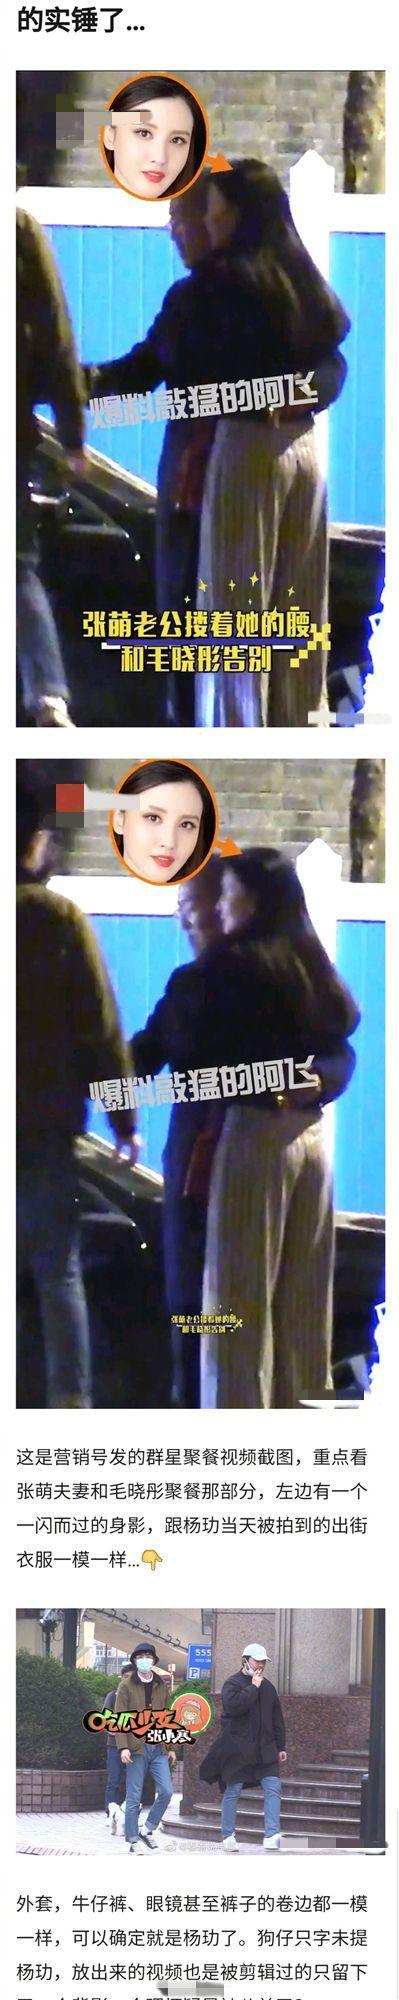 毛晓彤工作室否认与杨立新儿子杨玏恋情:假!